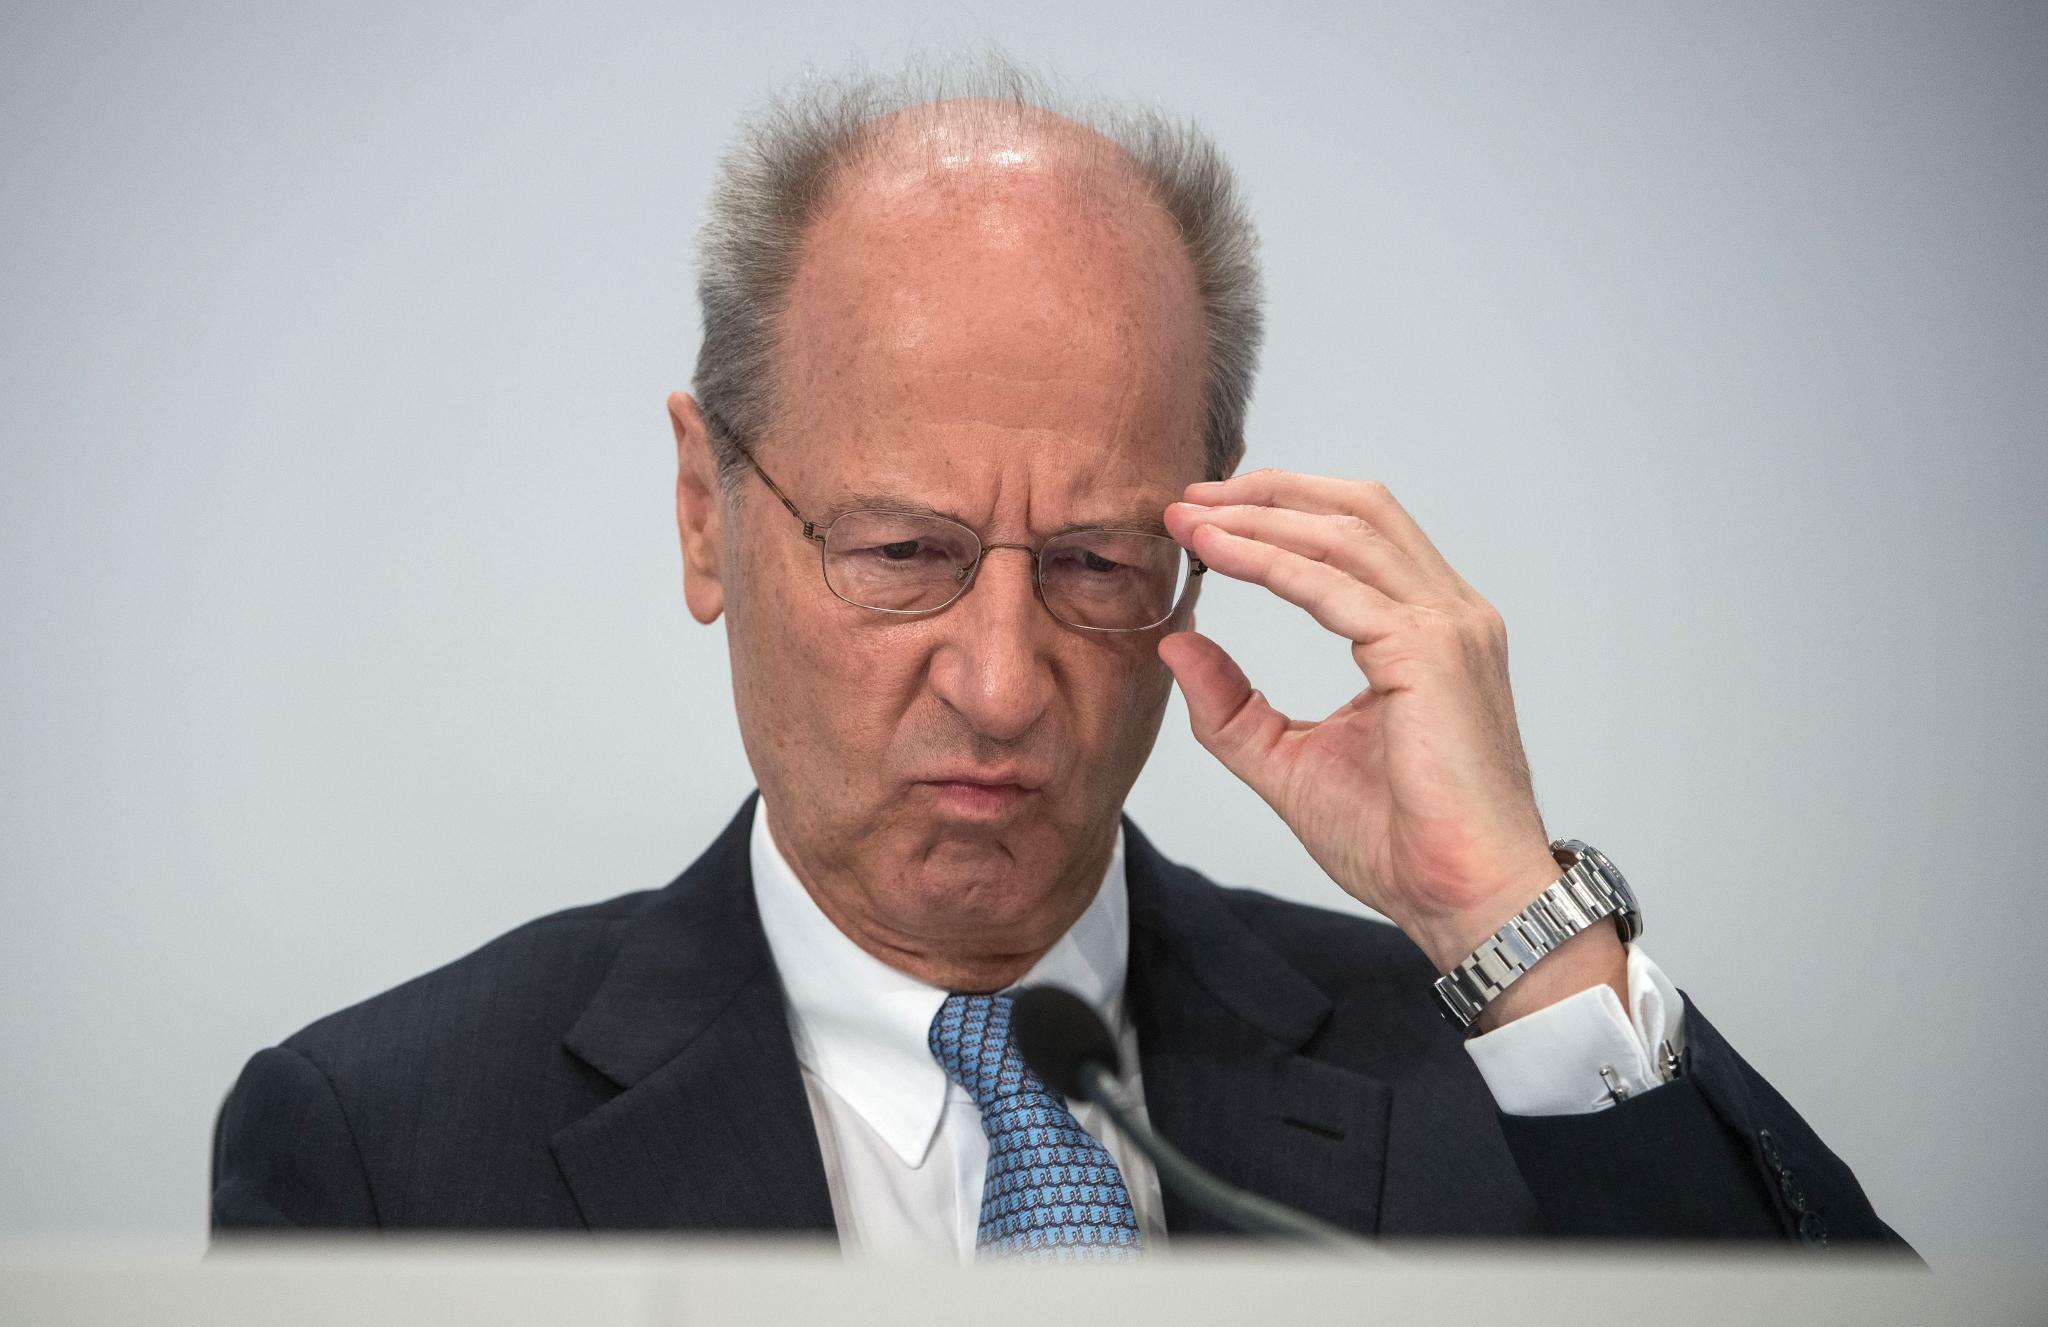 VW: Die fragwürdige Rolle von Aufsichtsratschef Pötsch